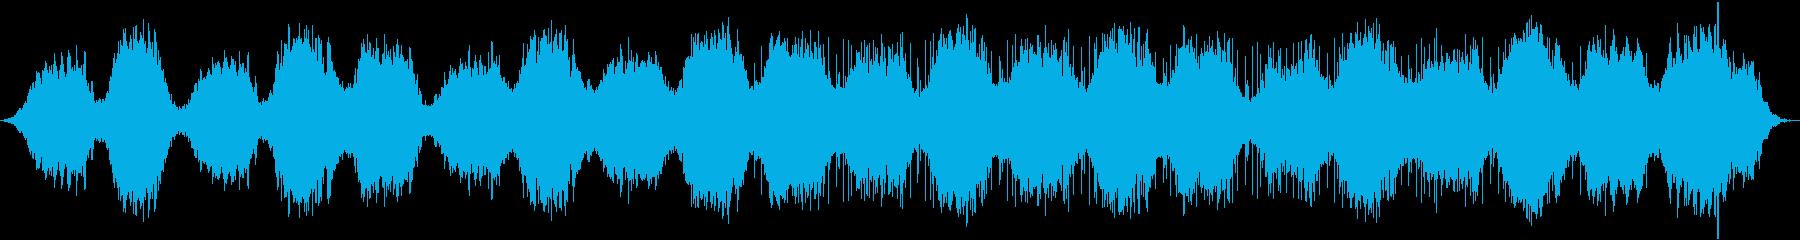 エレクトロニック 説明的 平和 ア...の再生済みの波形